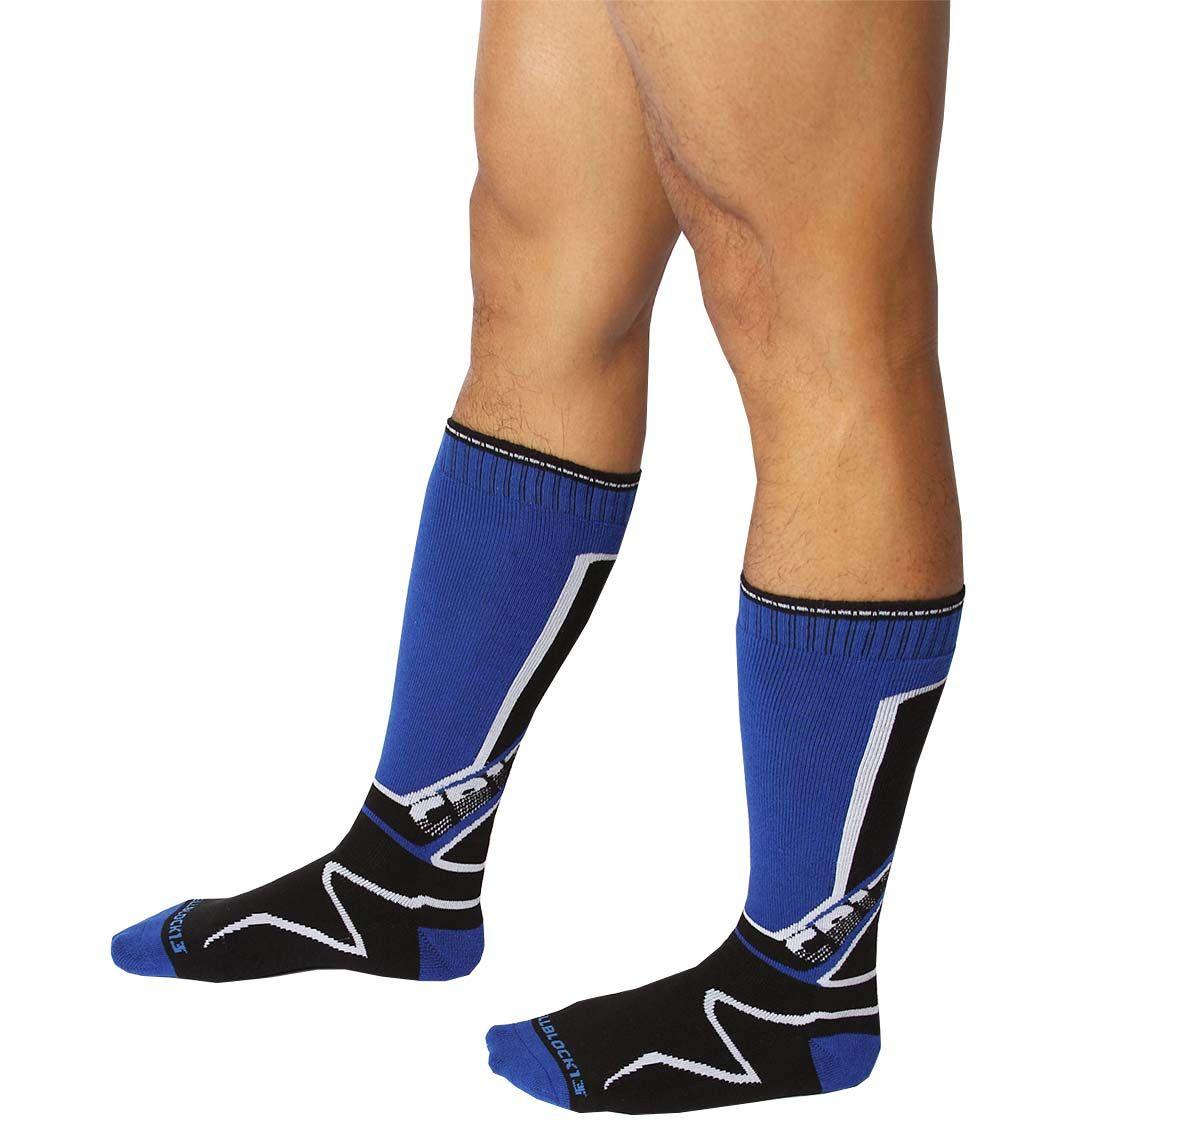 Cellblock 13 Sports socks KENNEL CLUB Mid-Calf SOCK, blue